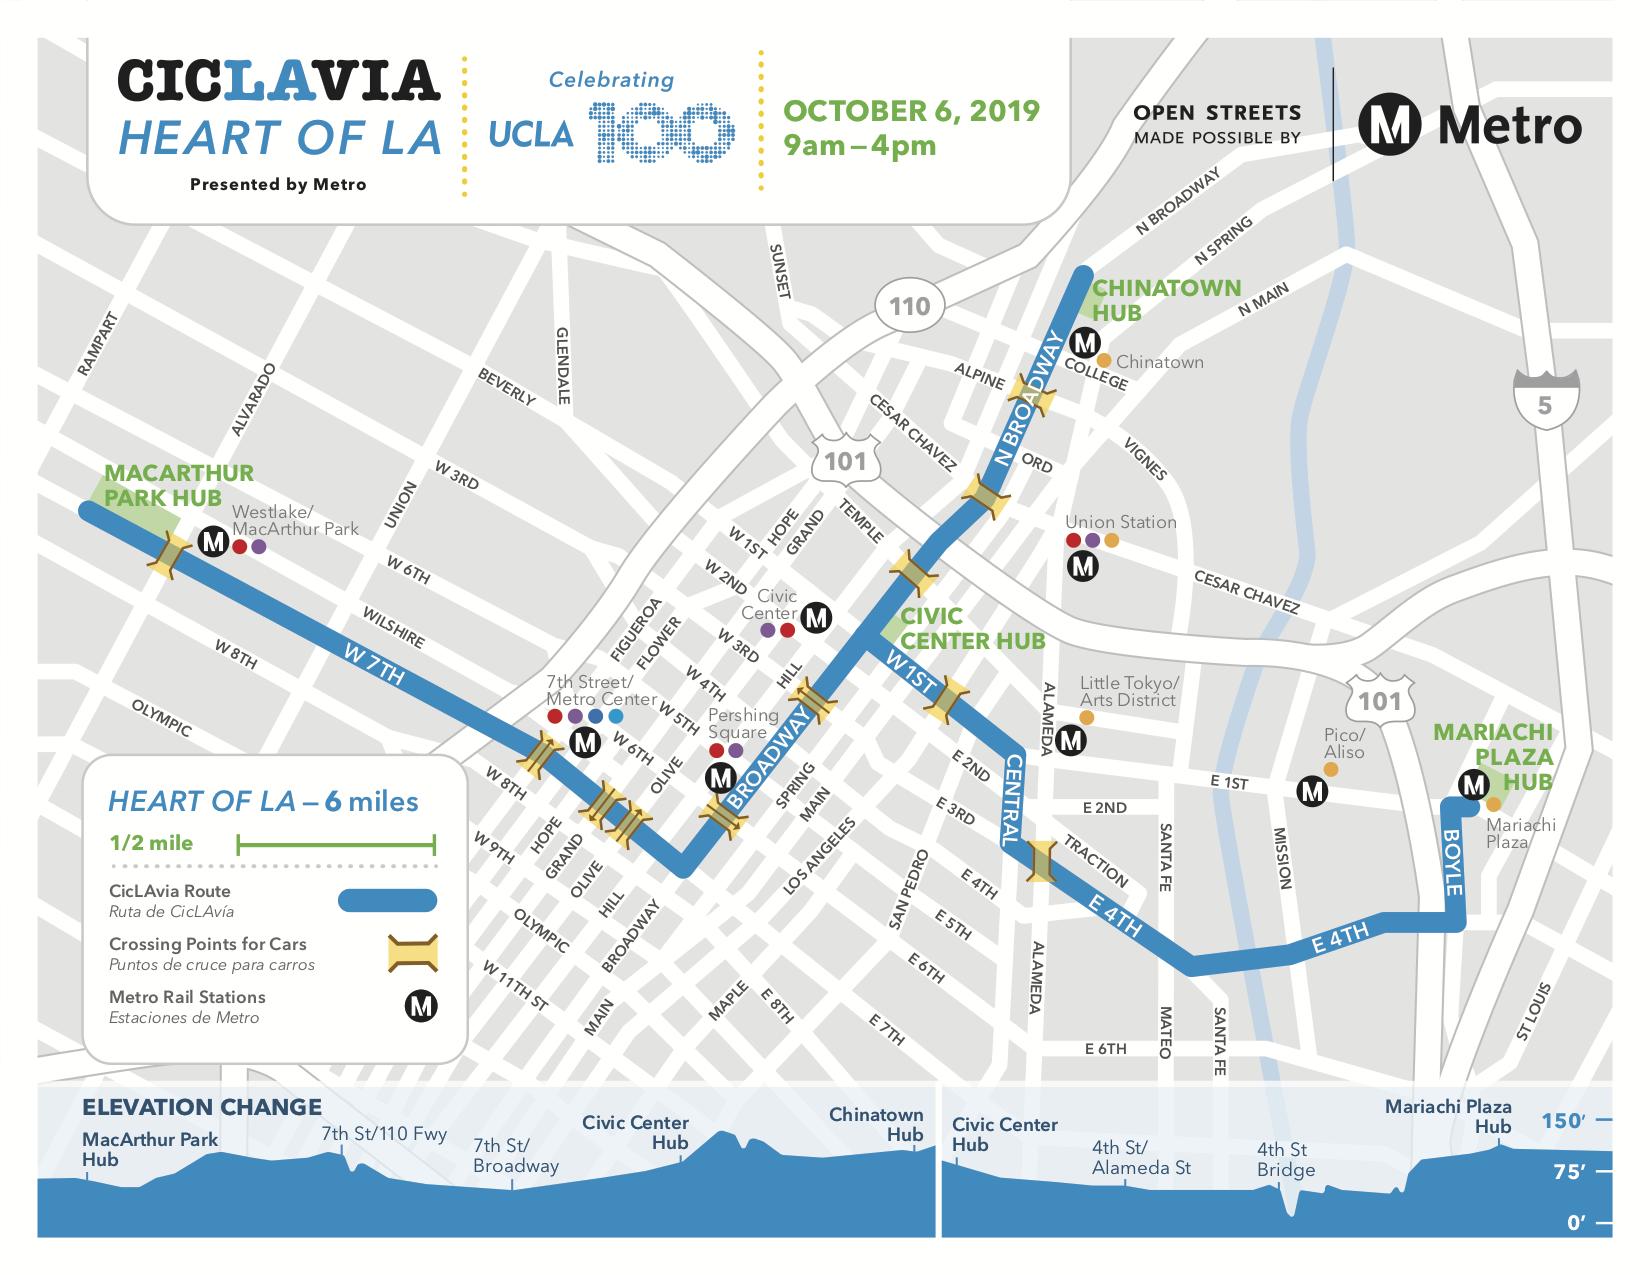 CicLAvia—Heart of LA - CicLAvia